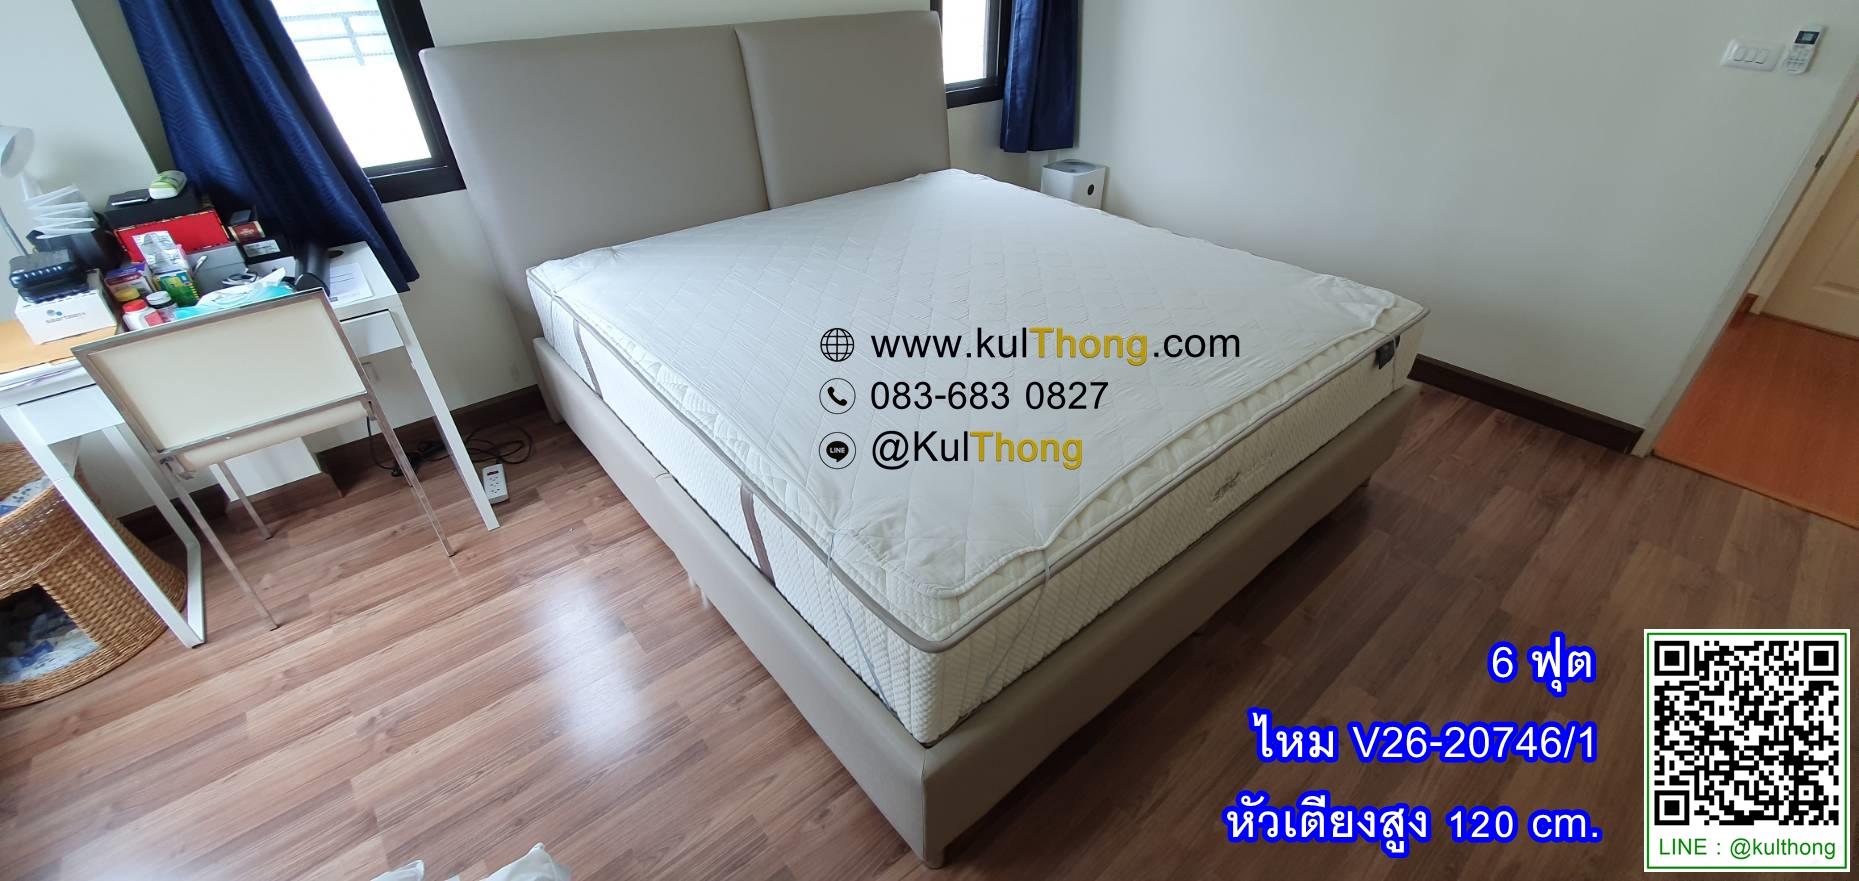 เตียงหุ้มหนัง เตียงดีไซน์ ฐานรองที่นอน เตียงสั่งผลิต